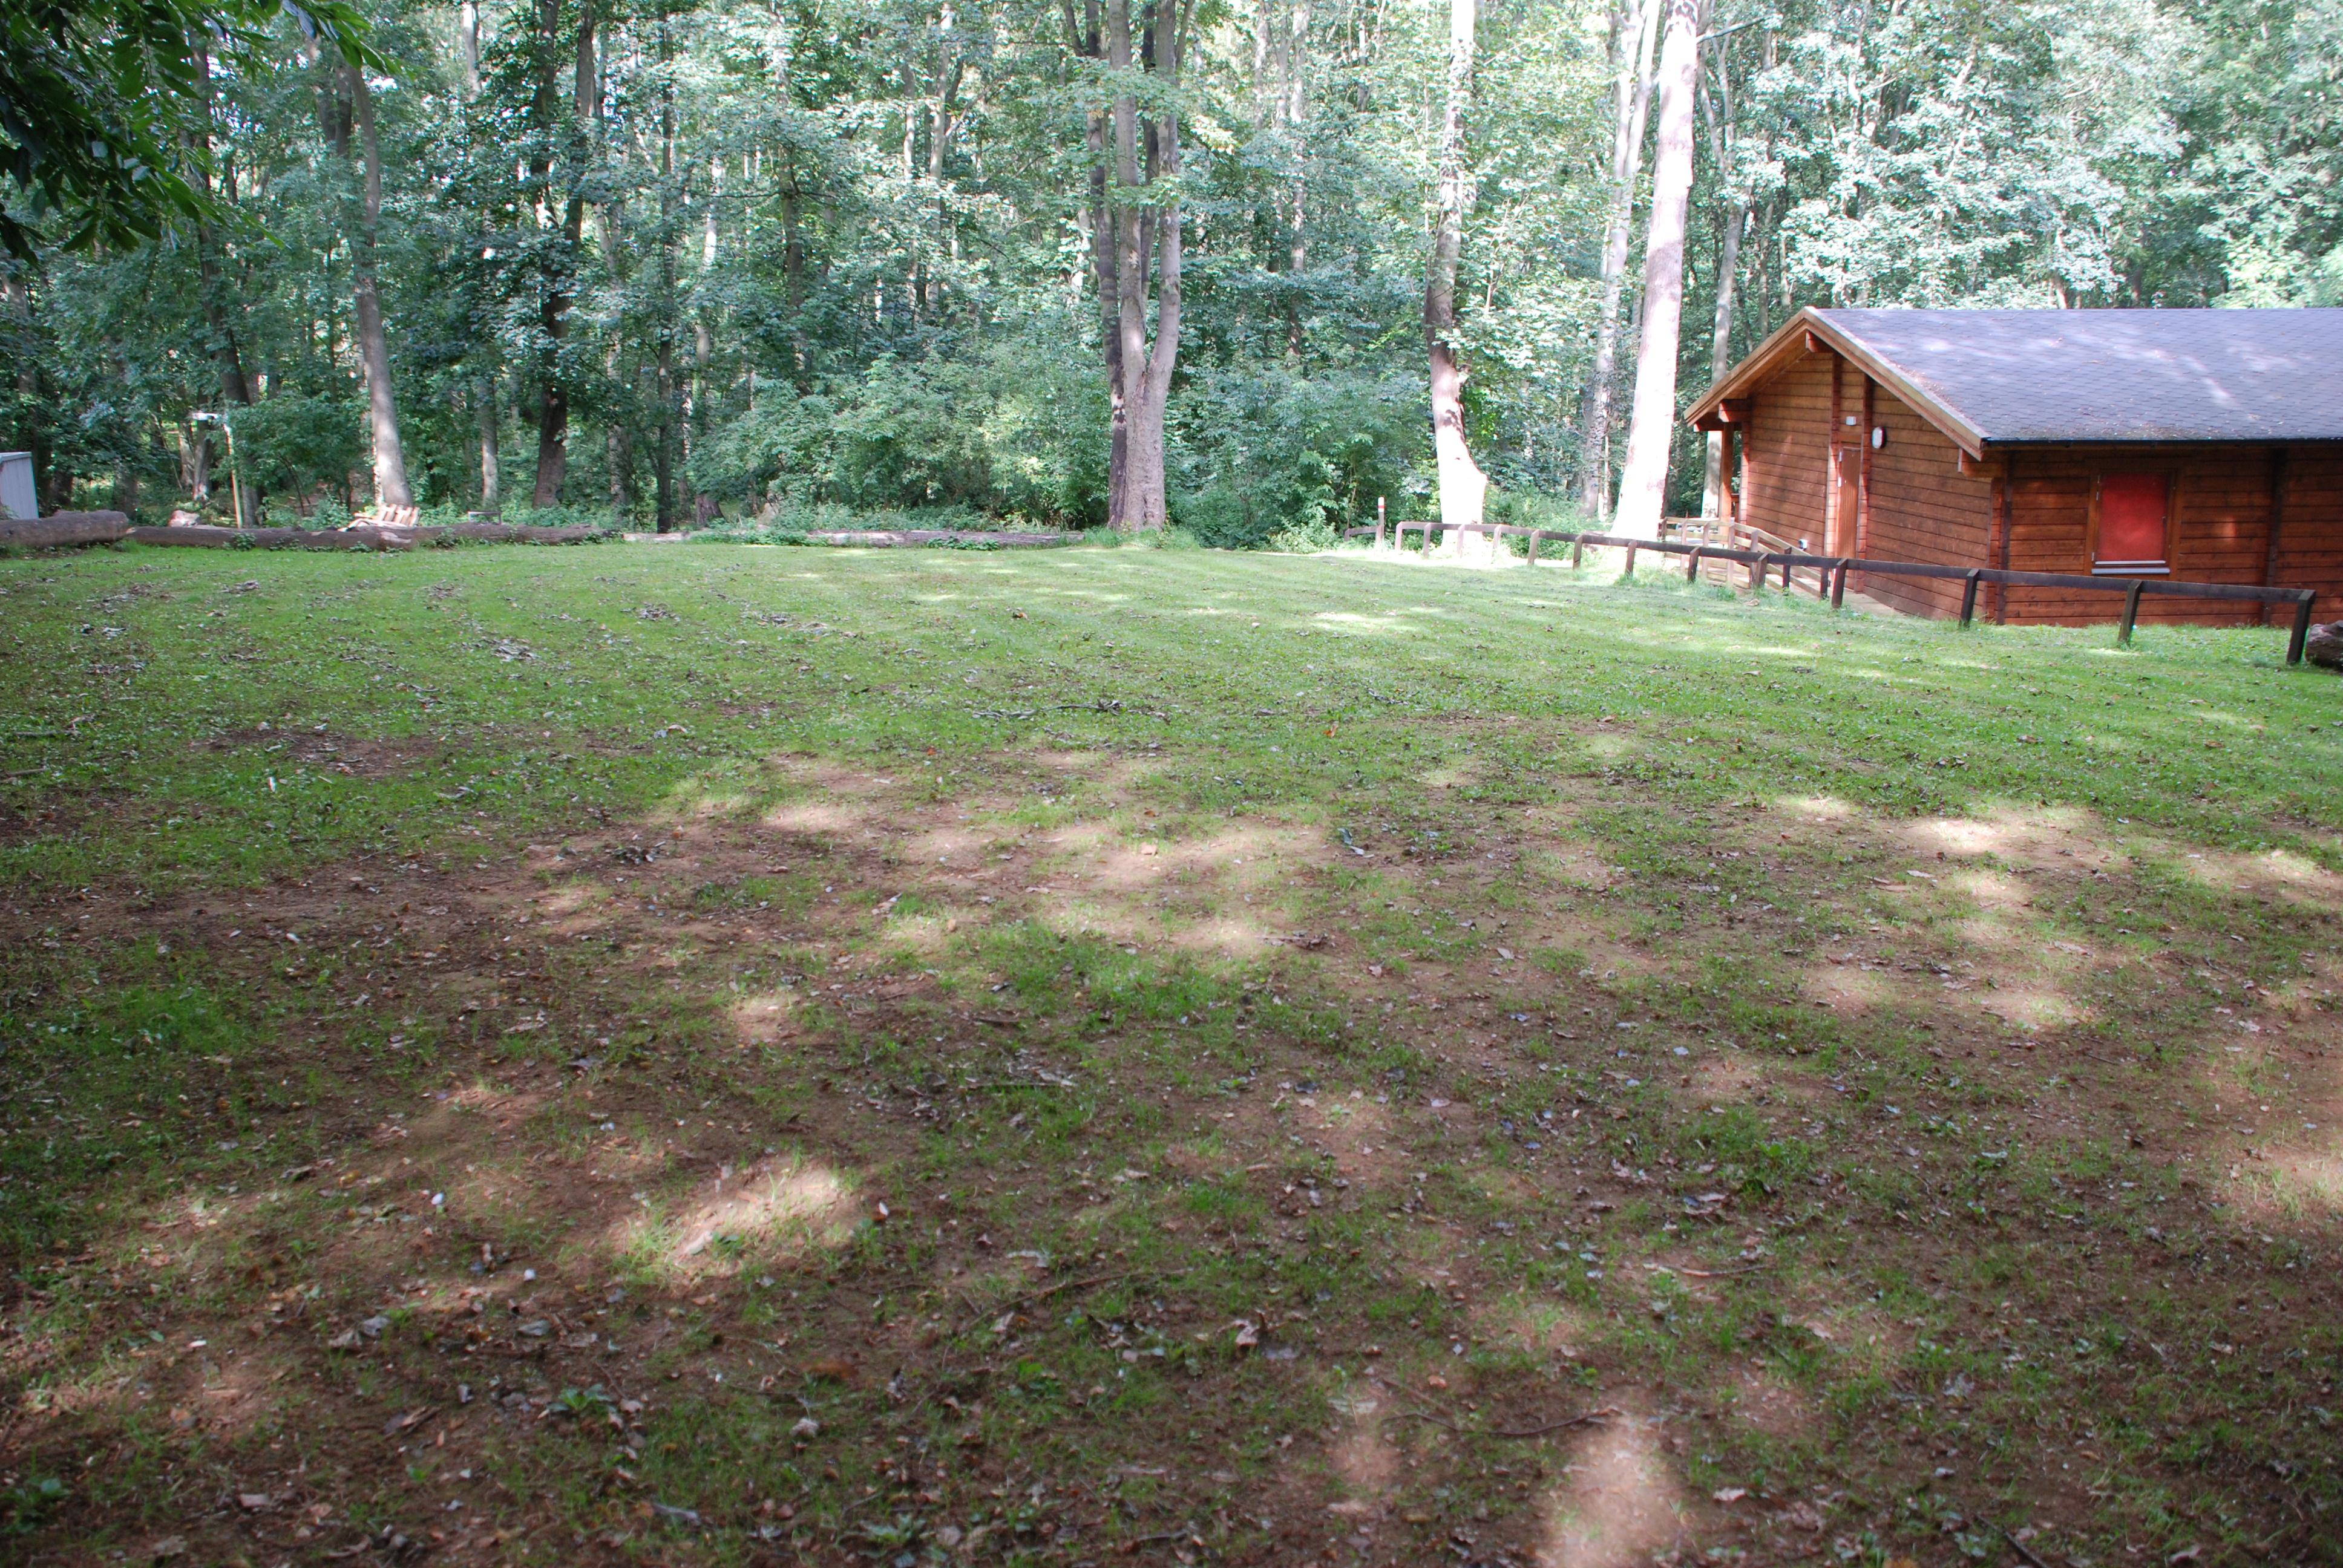 Elm campsite